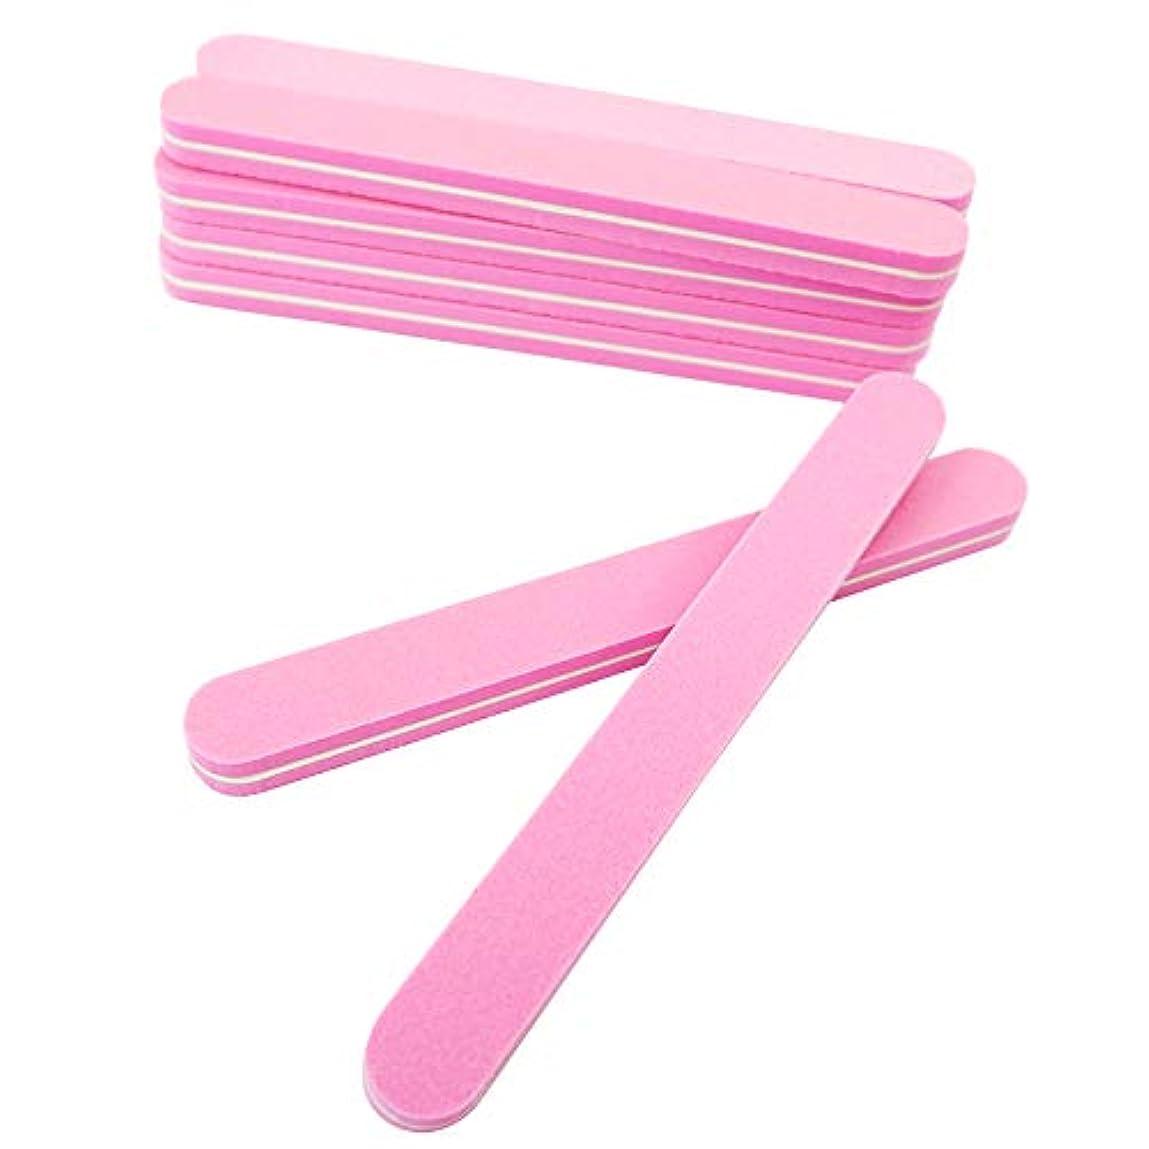 買い物に行く休日ぶどうstyle puchi 2段階磨き上げ ネイル シャイナー 10本セット ネイルケア つめやすり